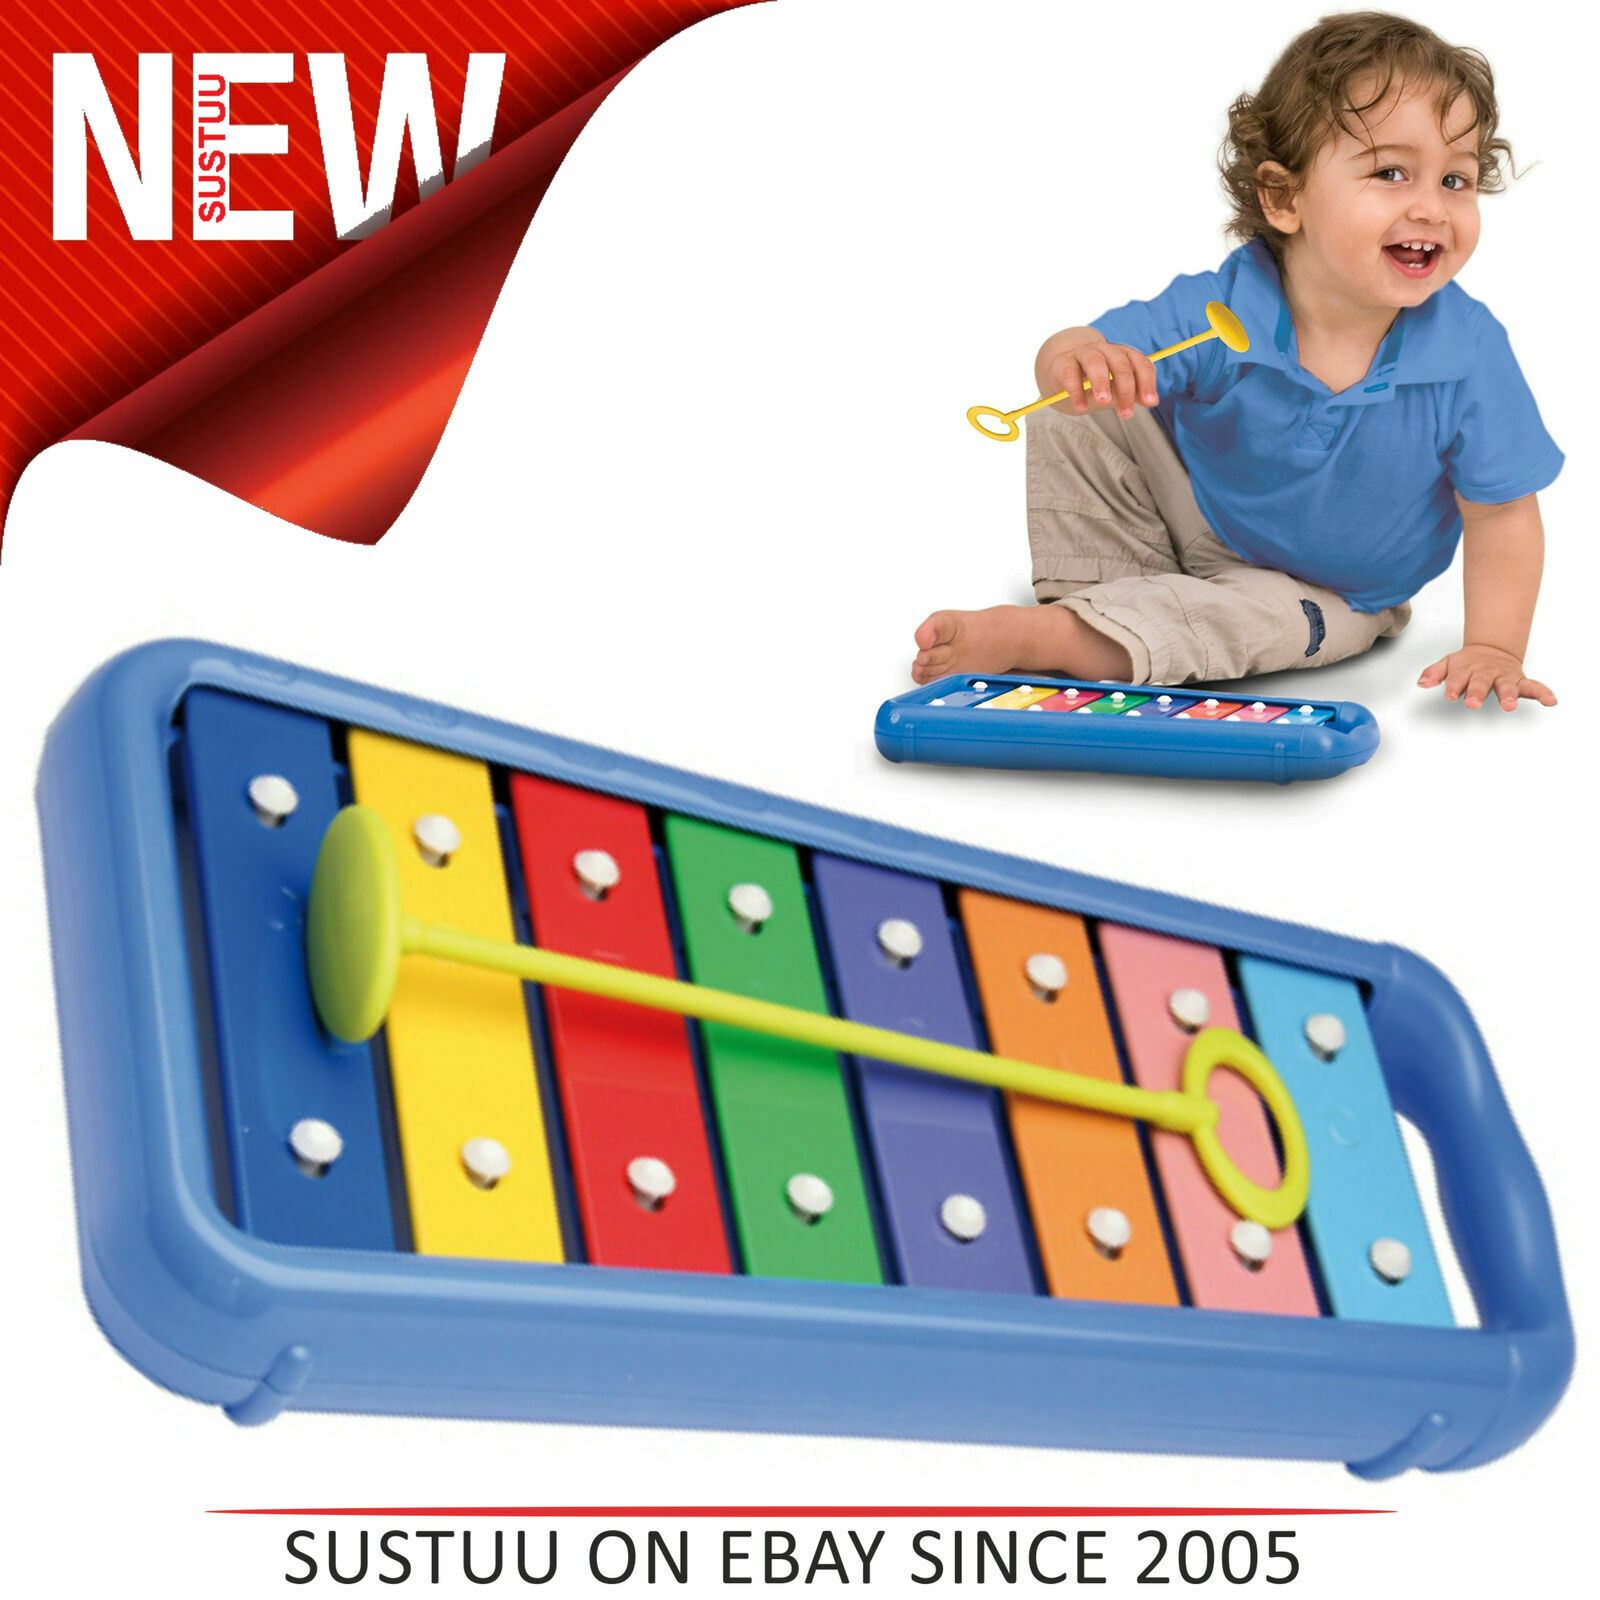 14 Pc Enfants Percussion Instrument Set Musical En bois Apprentissage Early Education TABLE ACTIVITE JOUET D'ACTIVITE